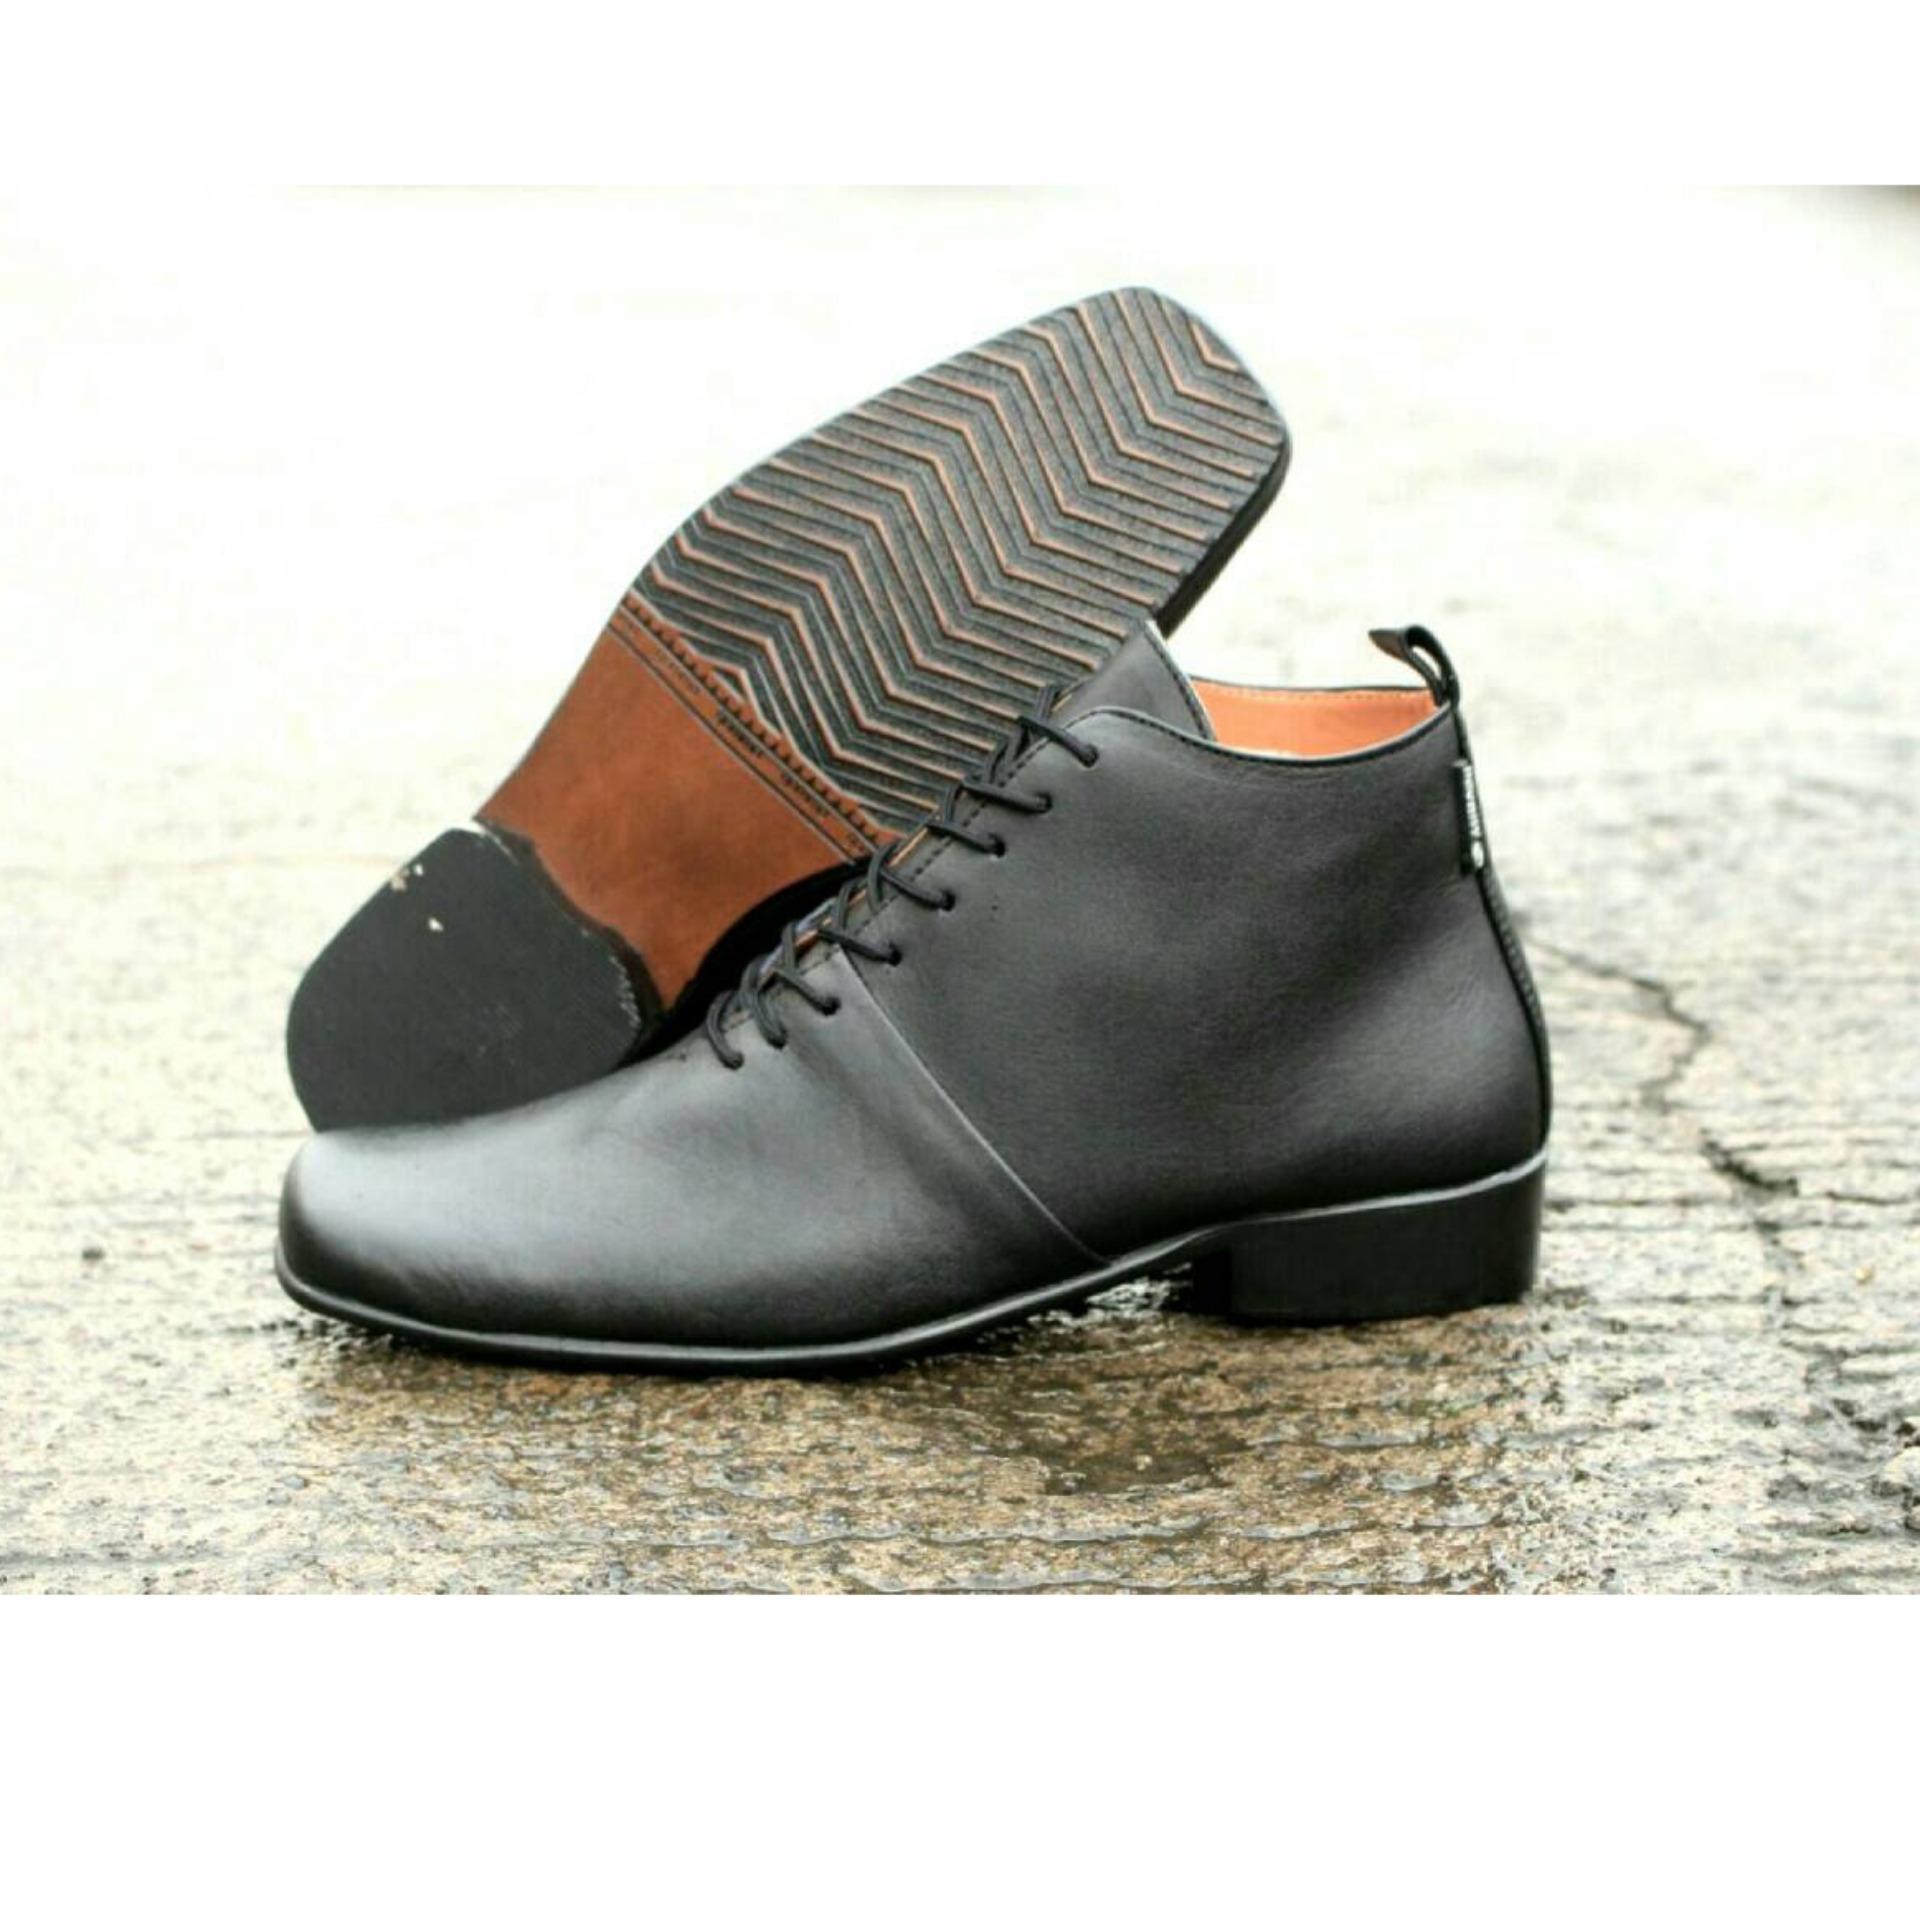 Sepatu Pantofel Pria Kulit Asli Cevany Pacuan Coklat Daftar Pantopel Badami Woody Black